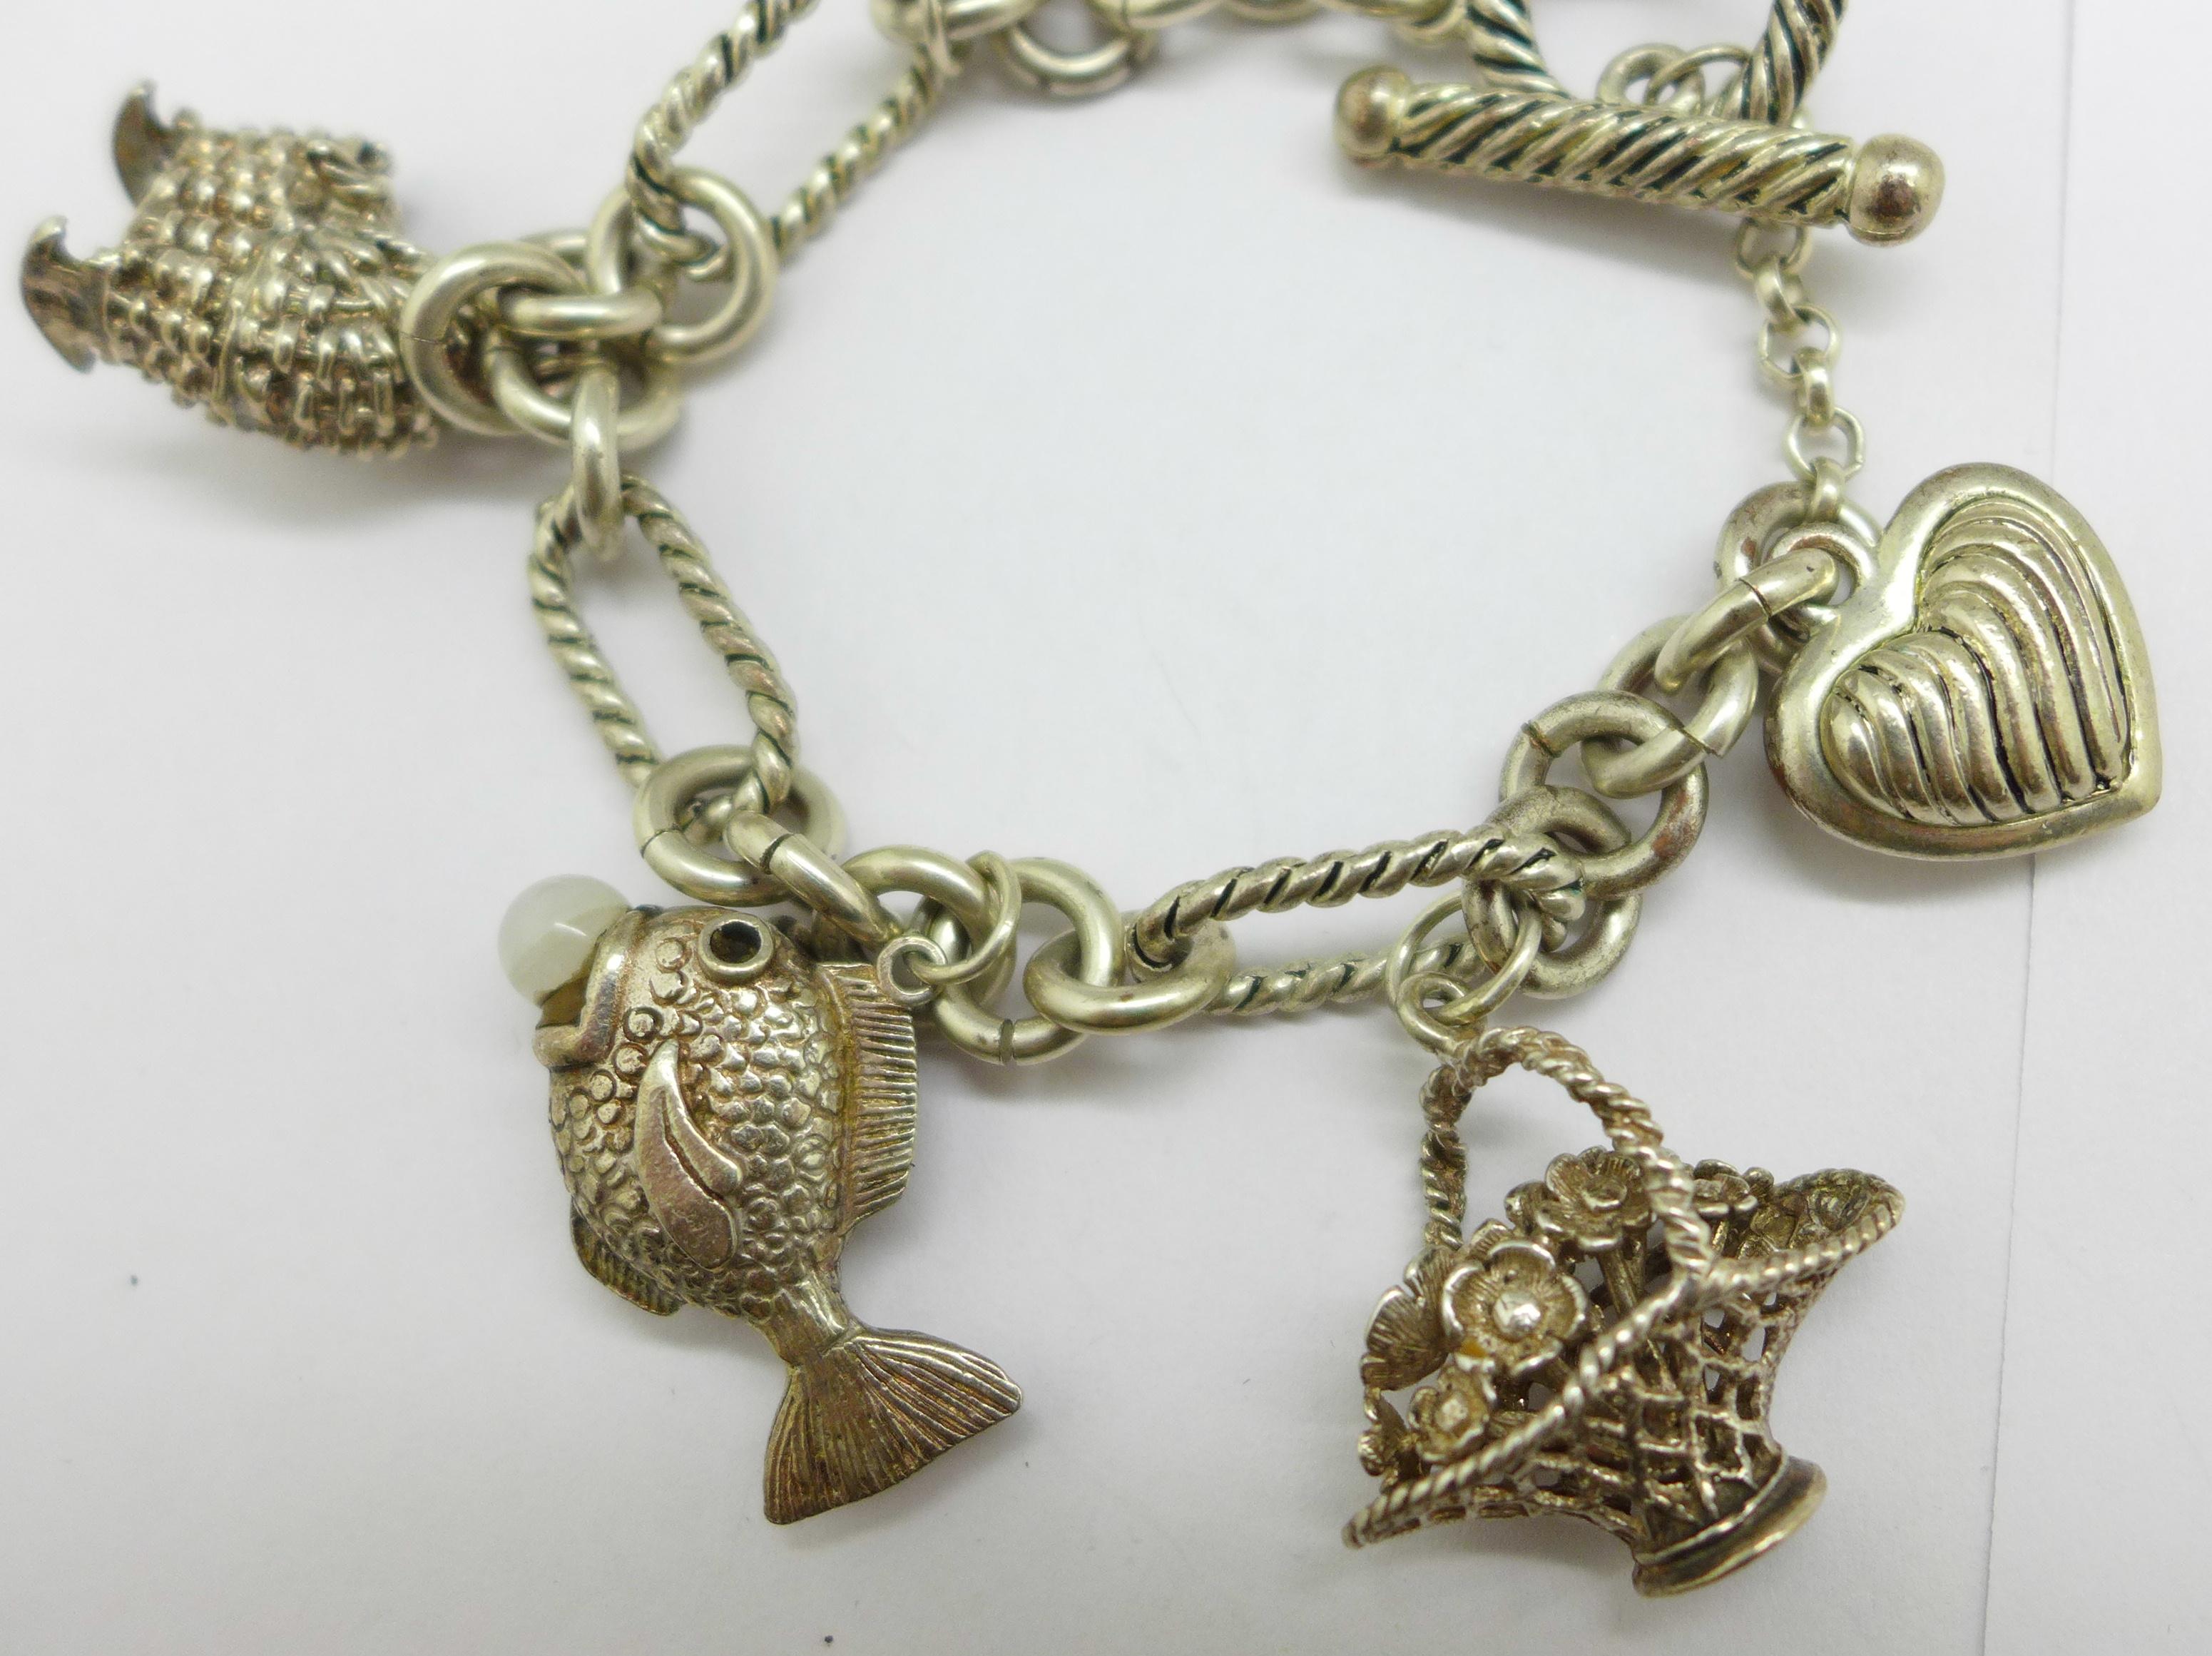 A charm bracelet - Image 2 of 3